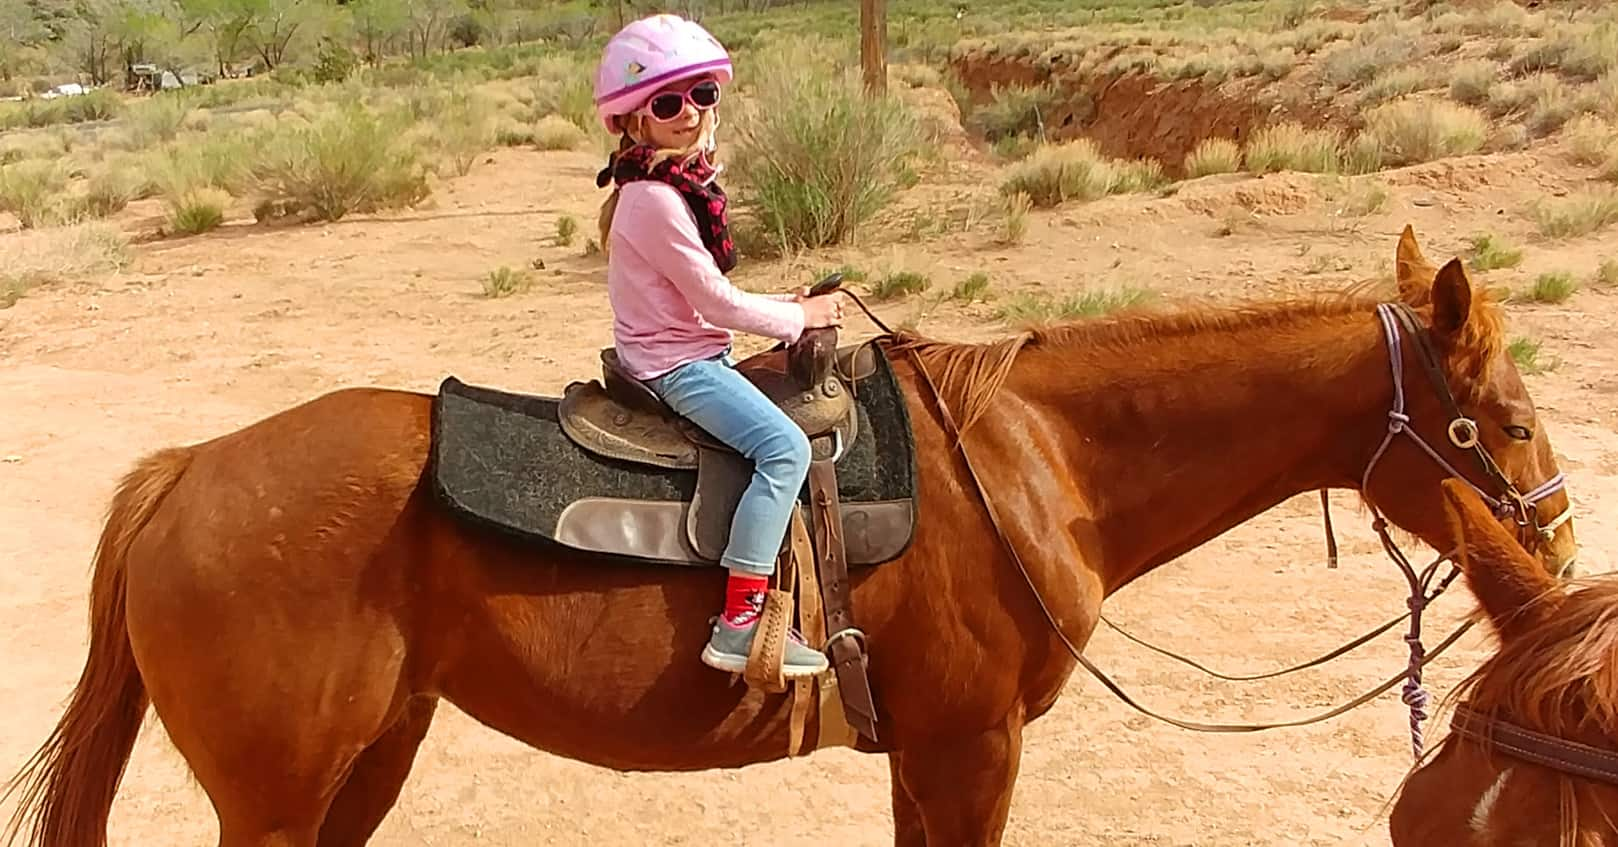 Taking children horseback riding